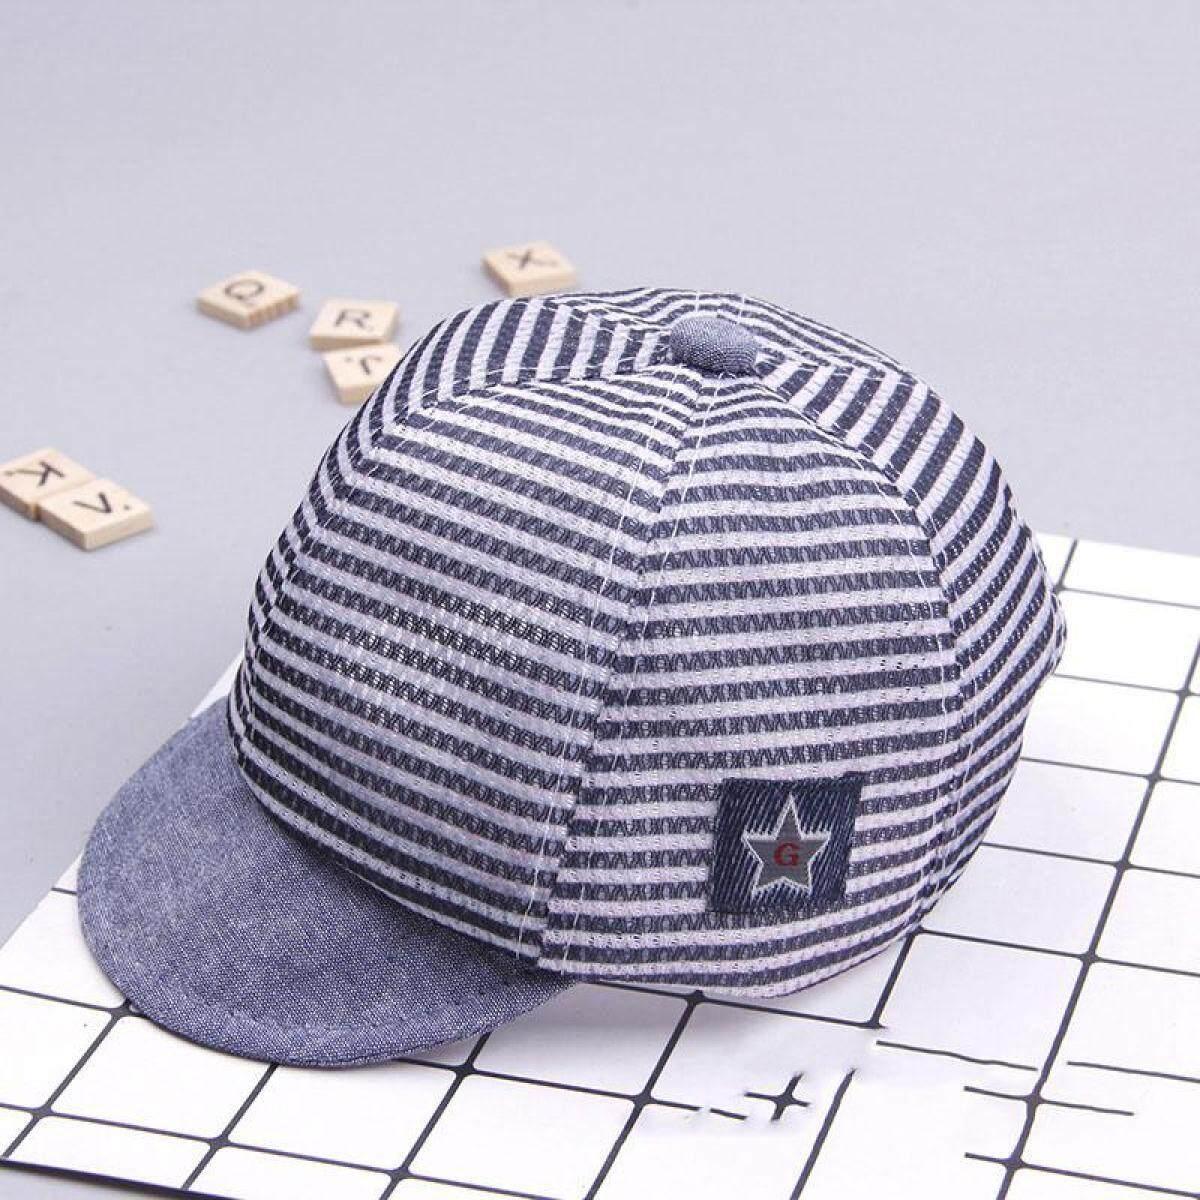 Musim Panas Bahan Katun Topi Bayi Imut Kasual Bergaris Bagian Atas Lembut  Topi Bisbol Anak Perempuan 6043035076